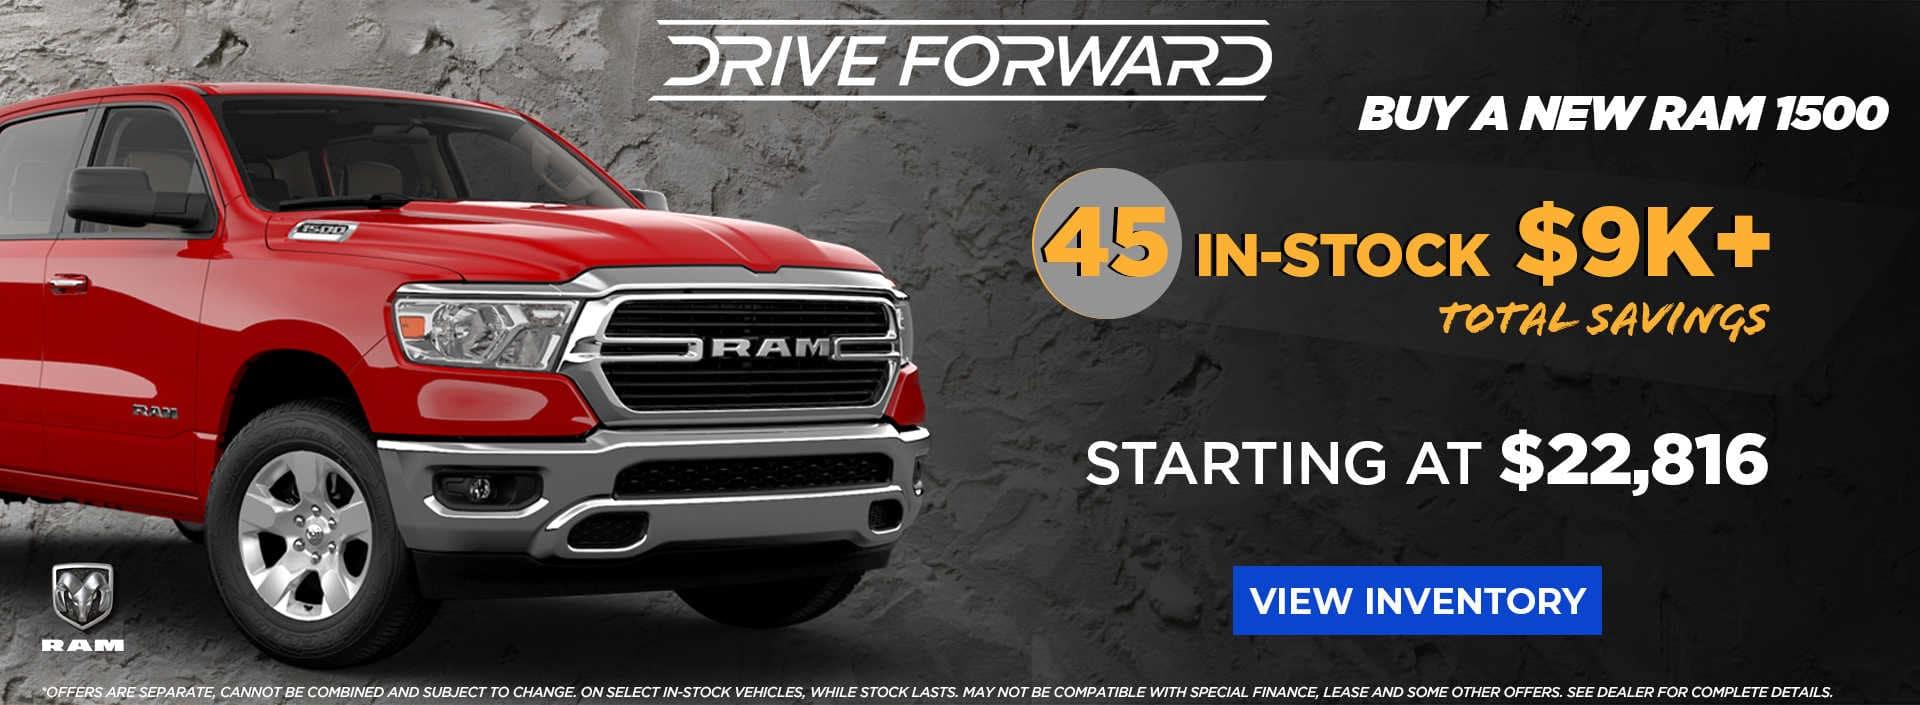 RAM Trucks for sale 2020